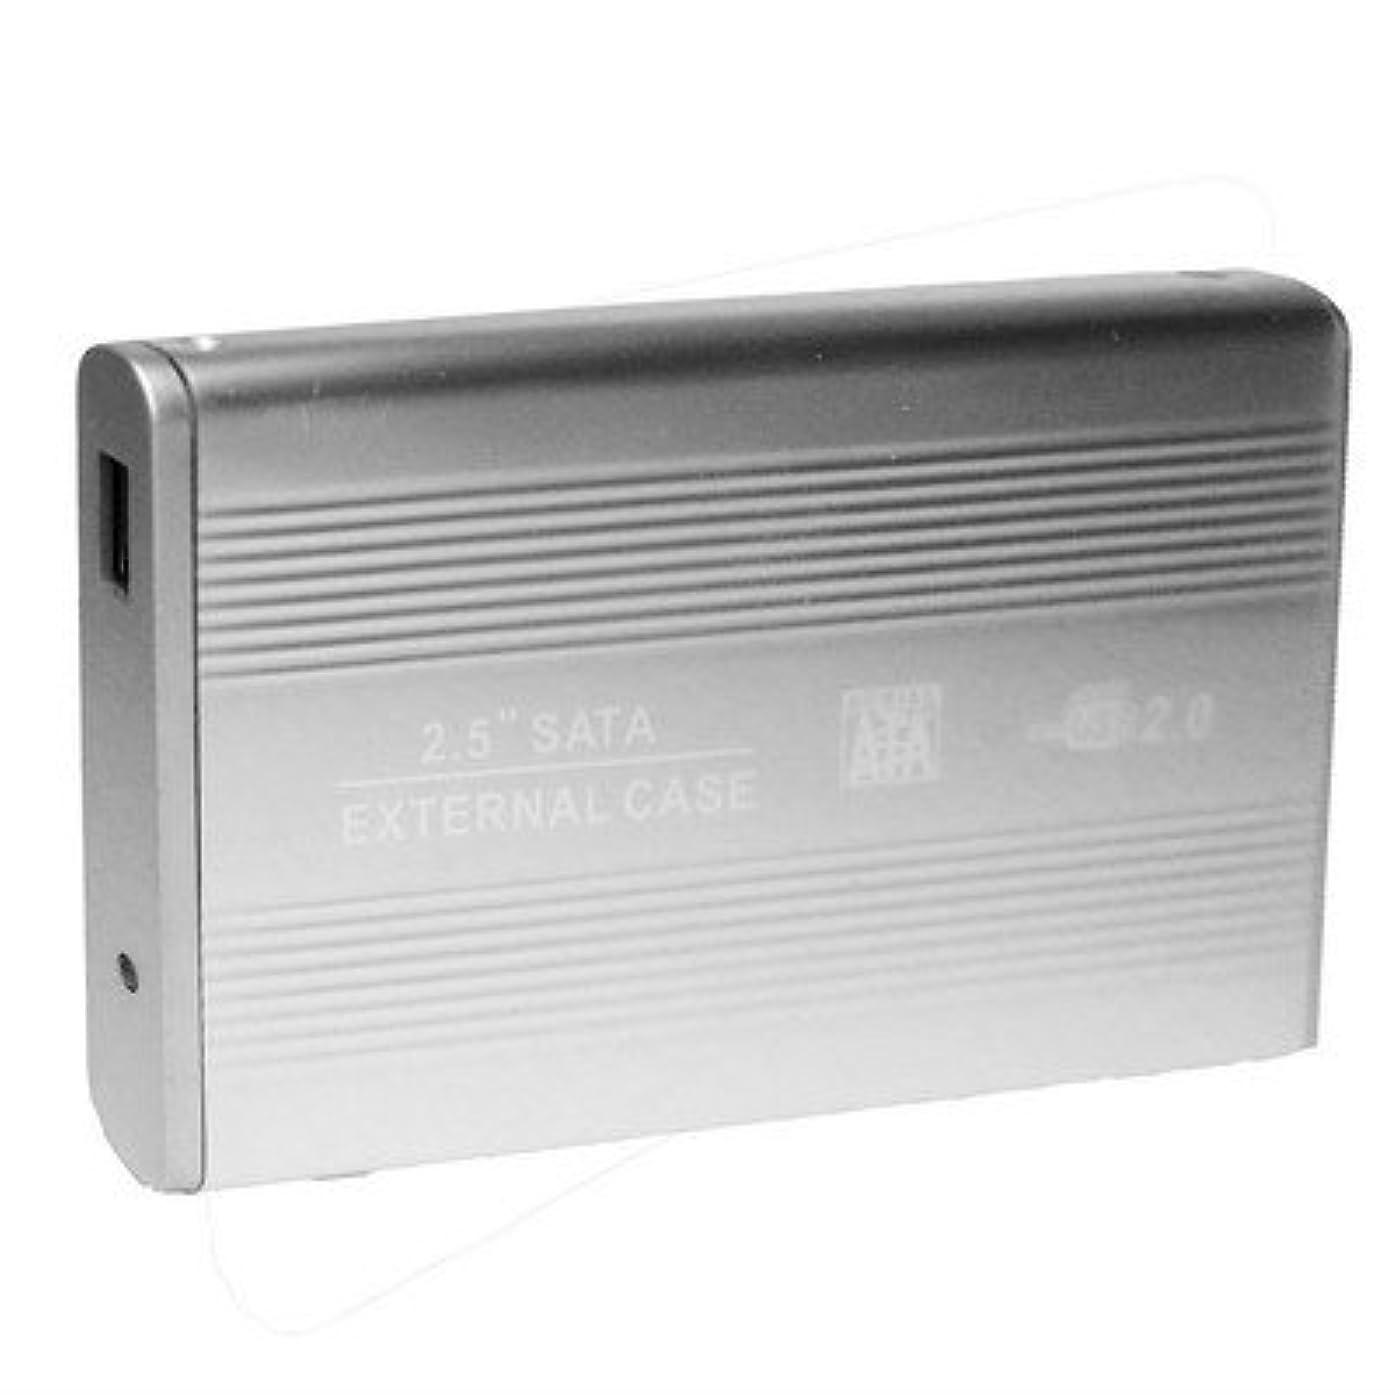 汚す銀行キャプション通常の高品質 スタイリッシュでコンパクト、持ち運びに便利な2.5インチHDD SATA外付けケース、。